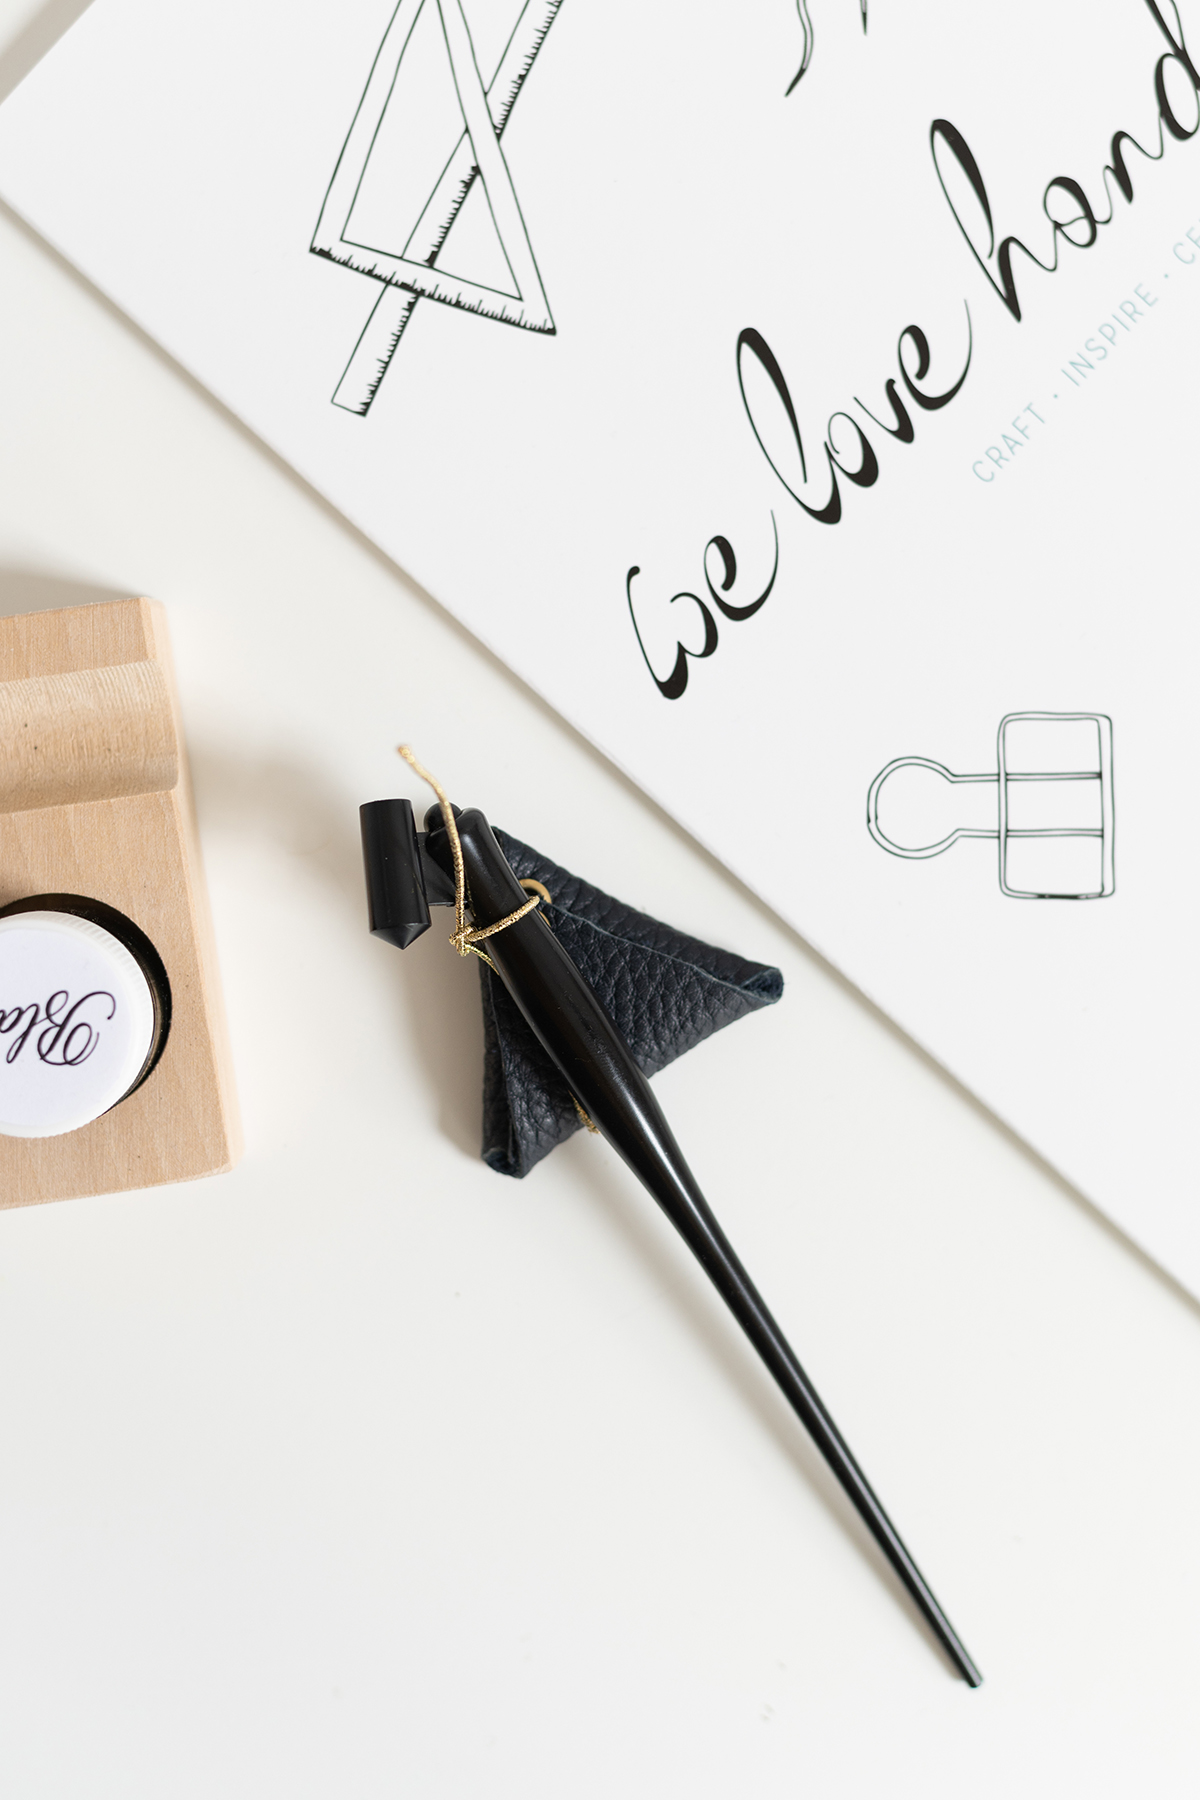 Feder-Tasche zur Aufbewahrung: DIY | we love handmade